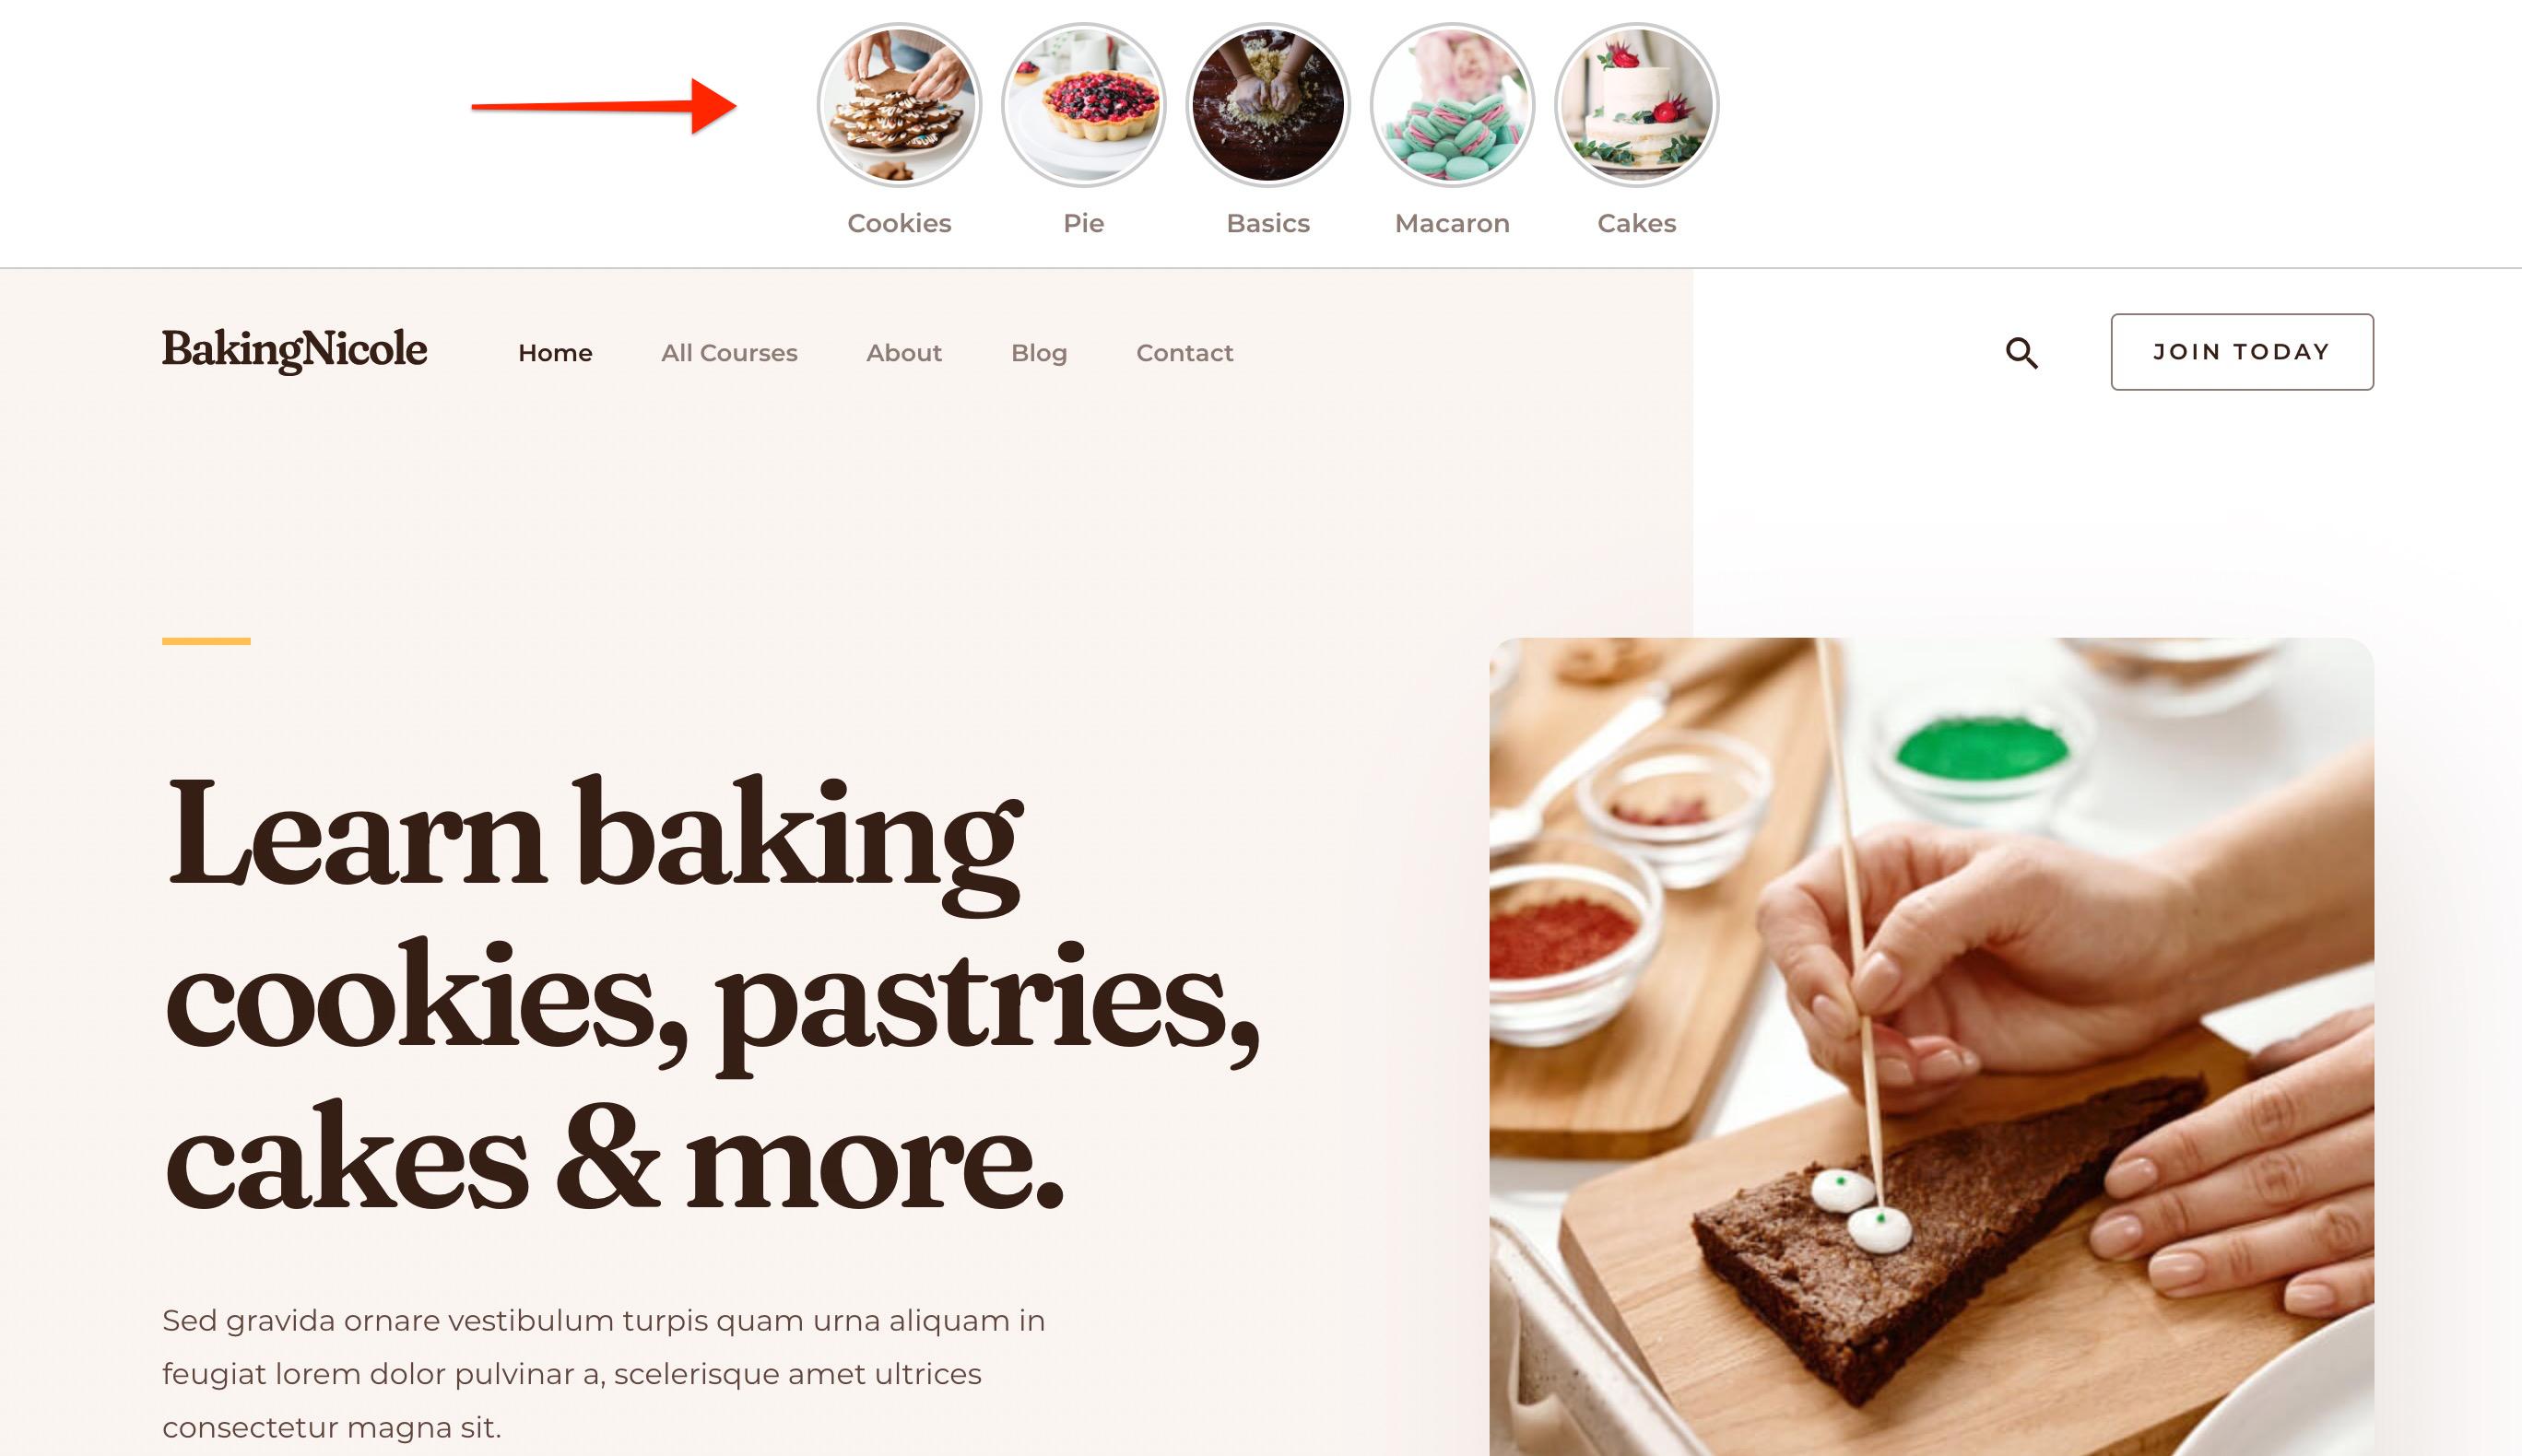 Display Web Stories on website